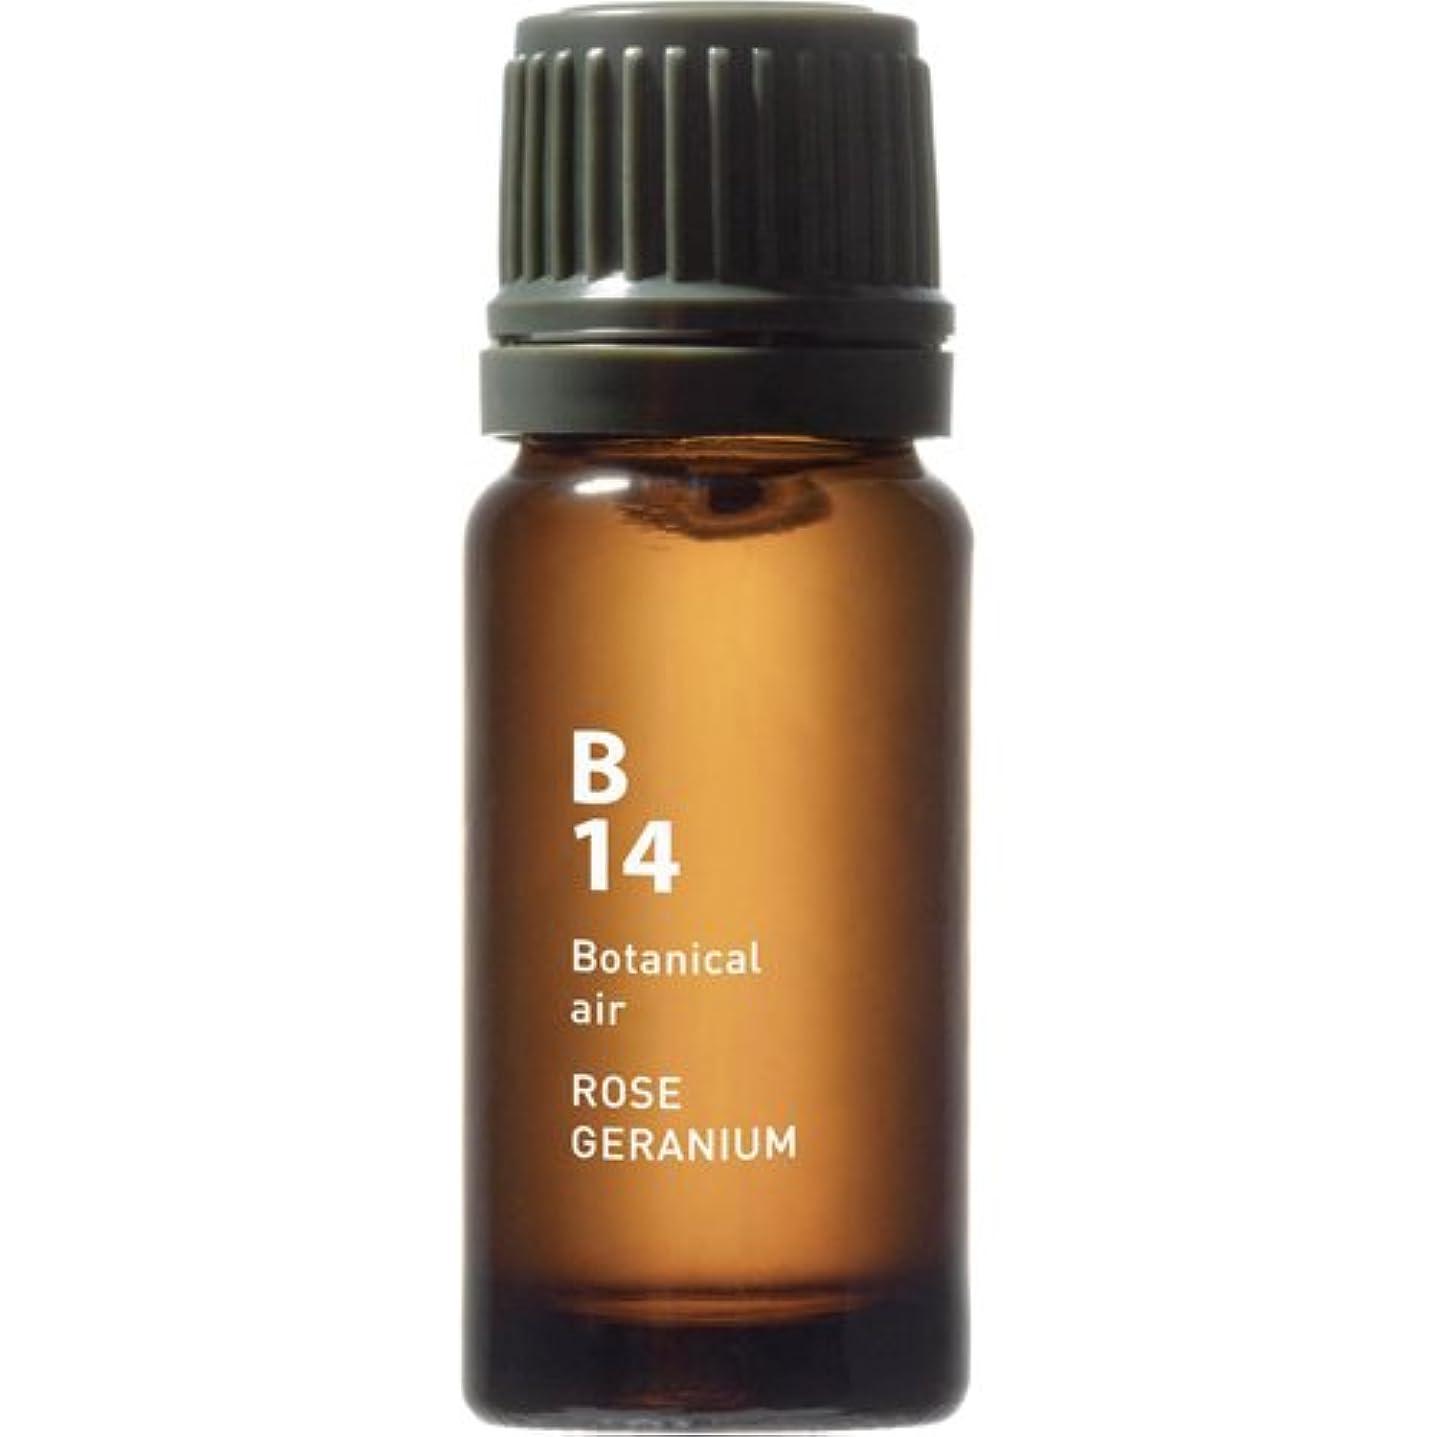 国内のフィード黒人B14 ローズゼラニウム Botanical air(ボタニカルエアー) 10ml